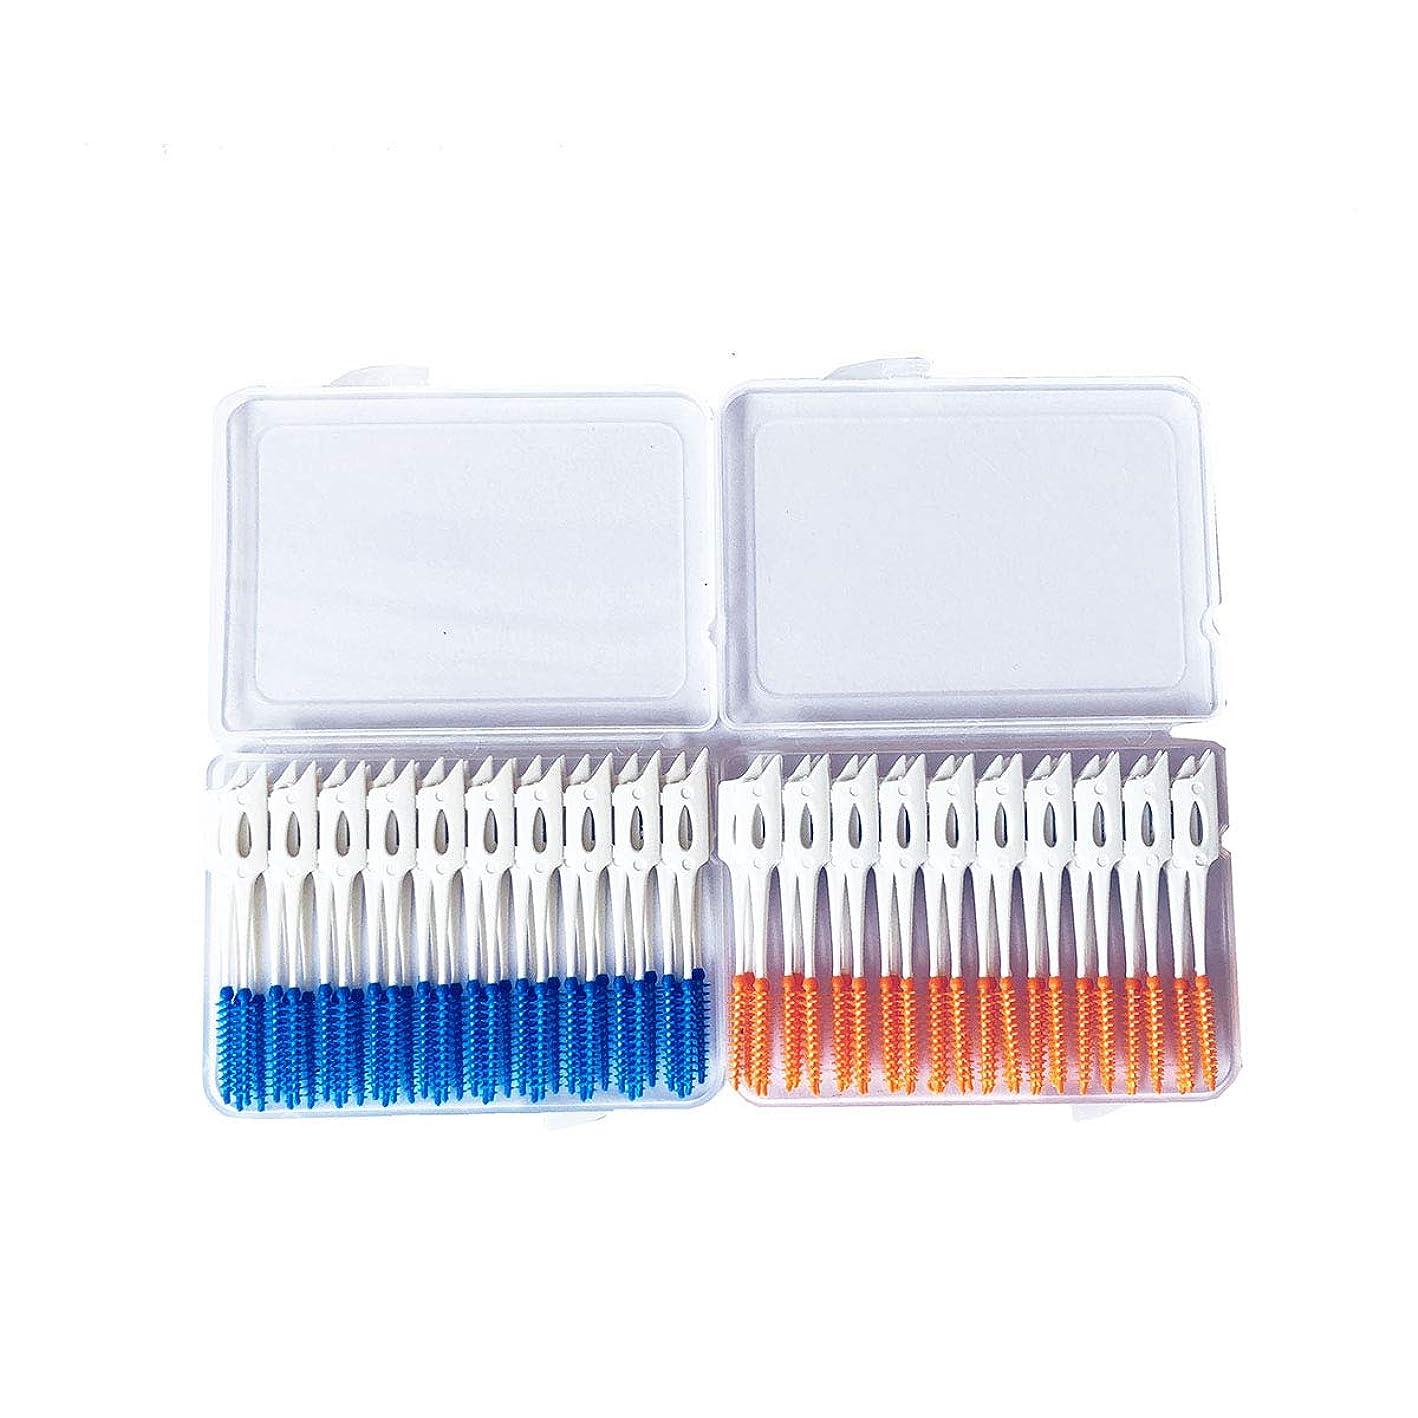 一過性クライアント些細なSUPVOX 歯80歯歯間歯間歯ブラシ歯間歯の歯の歯のきれいなツール(青とオレンジ)